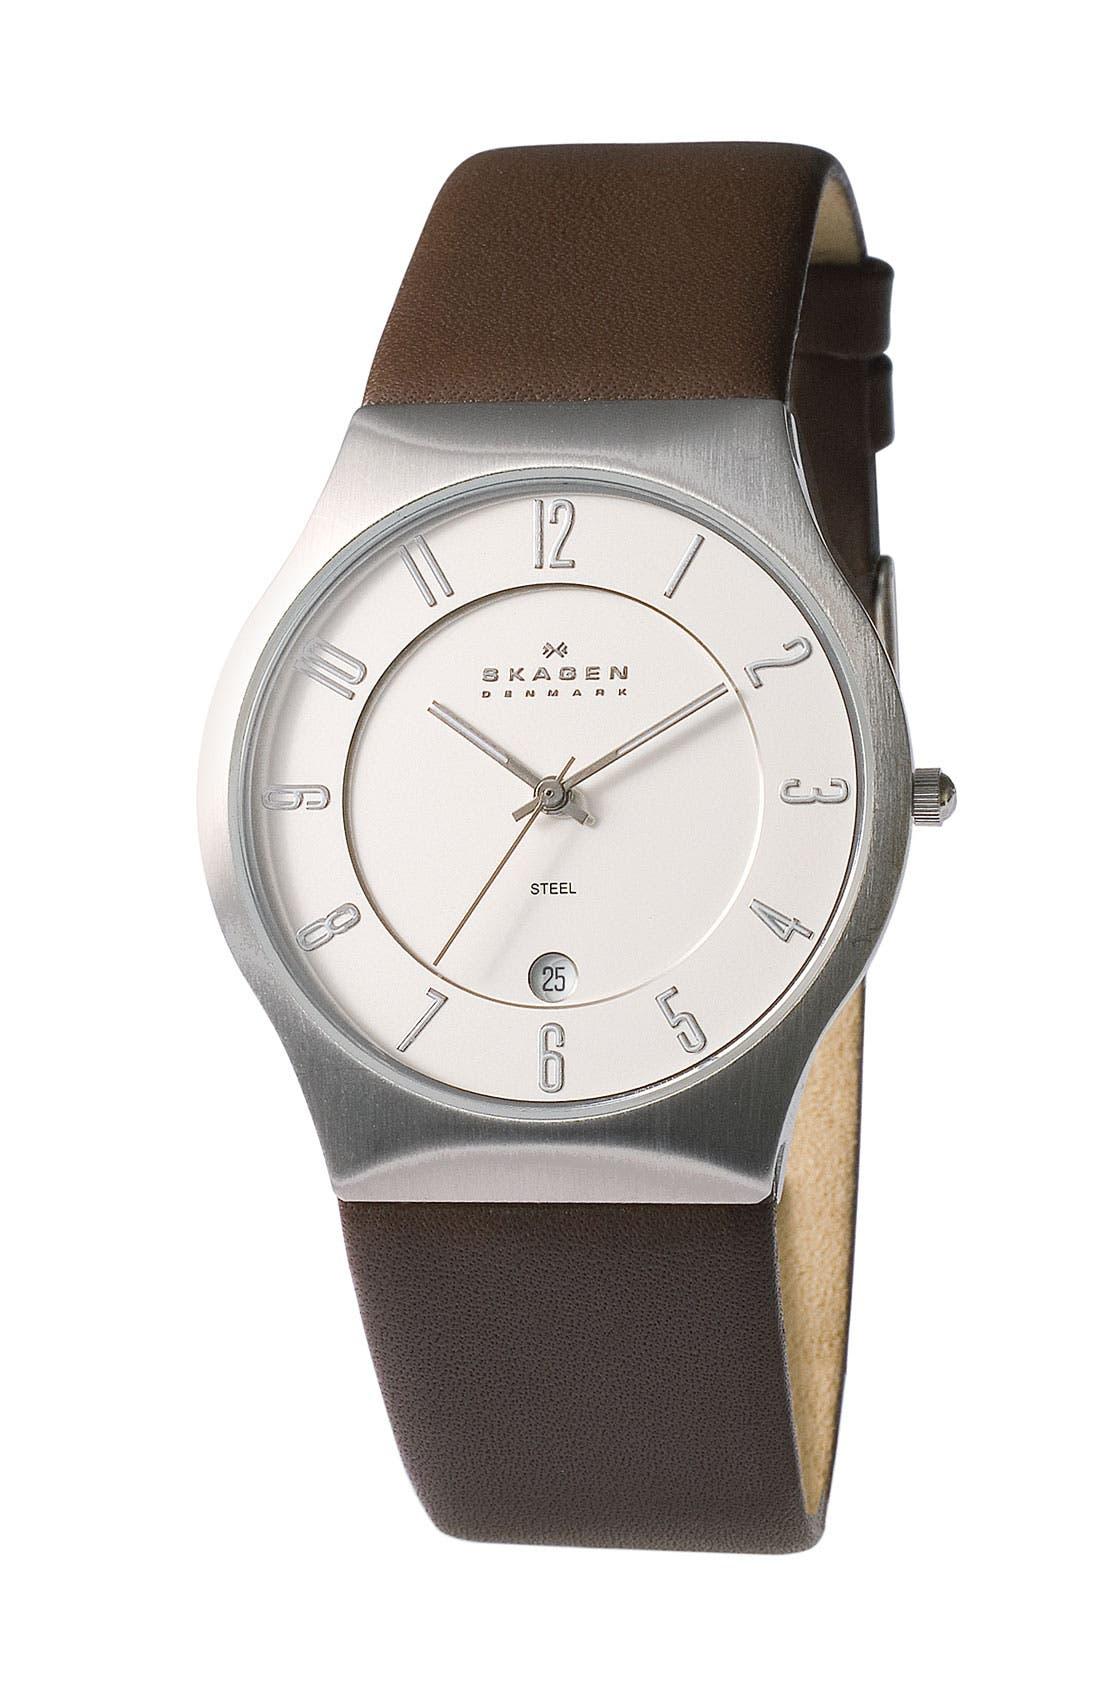 Main Image - Skagen 'Grenen' Titanium Case Watch